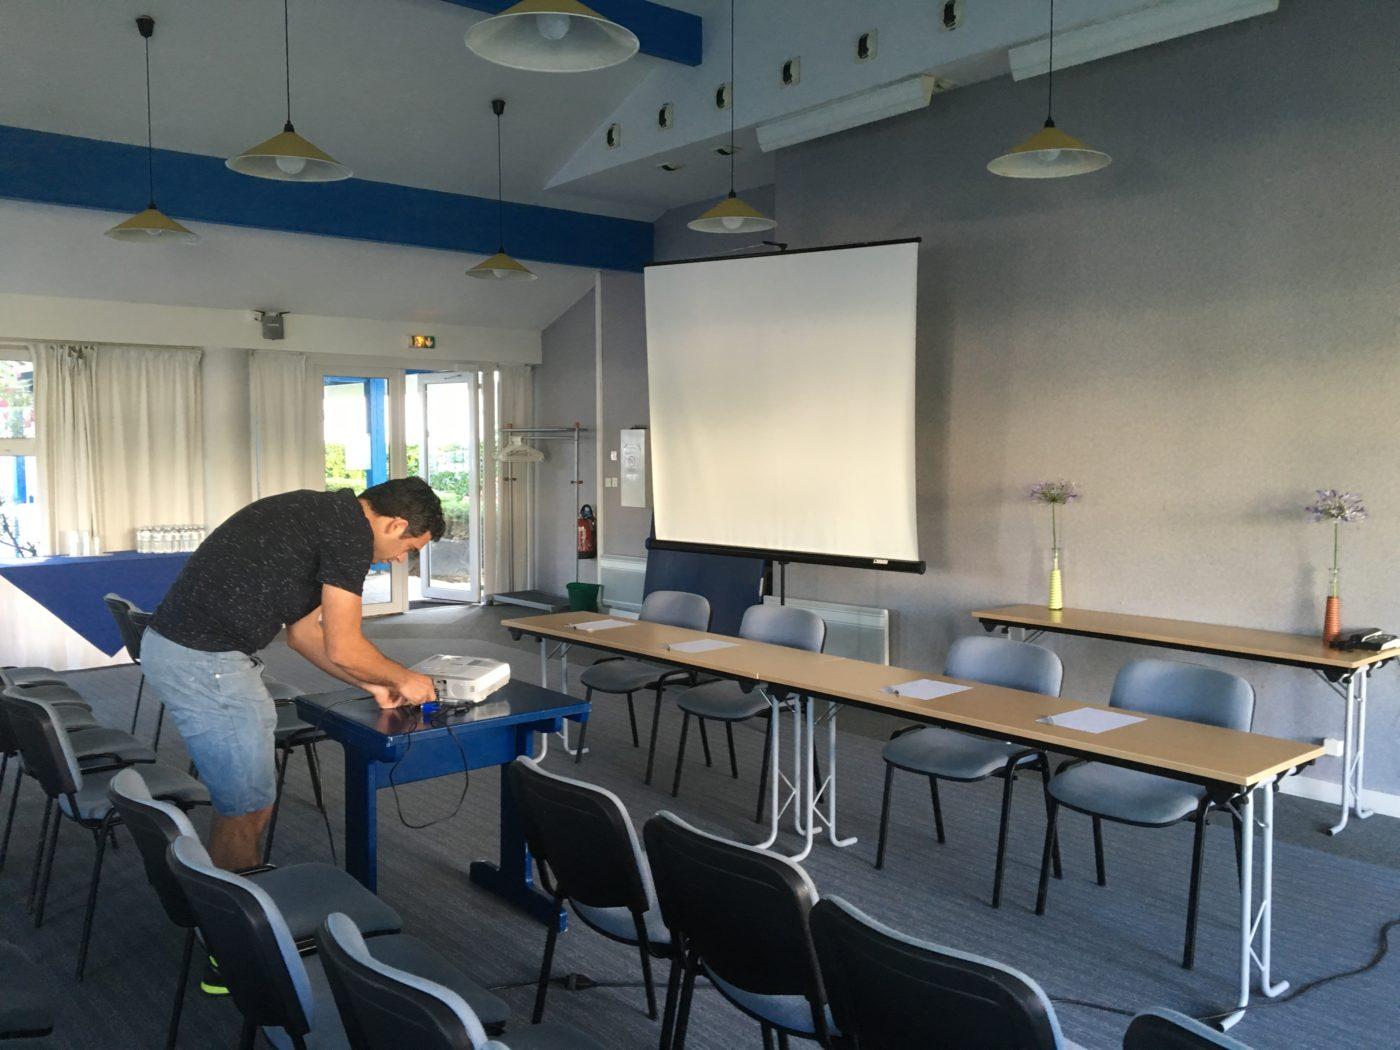 seminaire Saint jean de luz pays basque incentive team-building-corsaires-agence evenementielle erronda 17